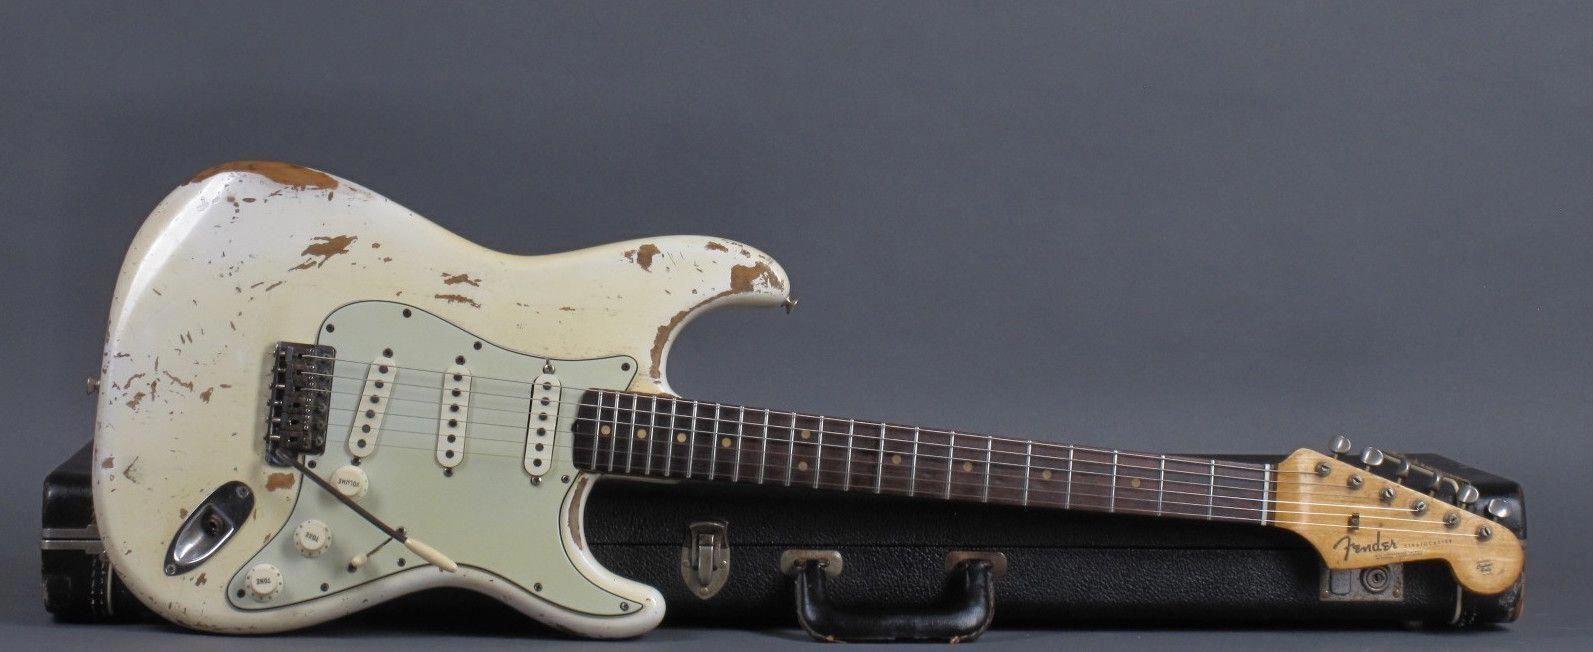 Travel Guitar With Built In Amp Travel Guitars Acoustic Guitars Guitarmaker Travelguitar Cool Electric Guitars Guitar Fender Guitars